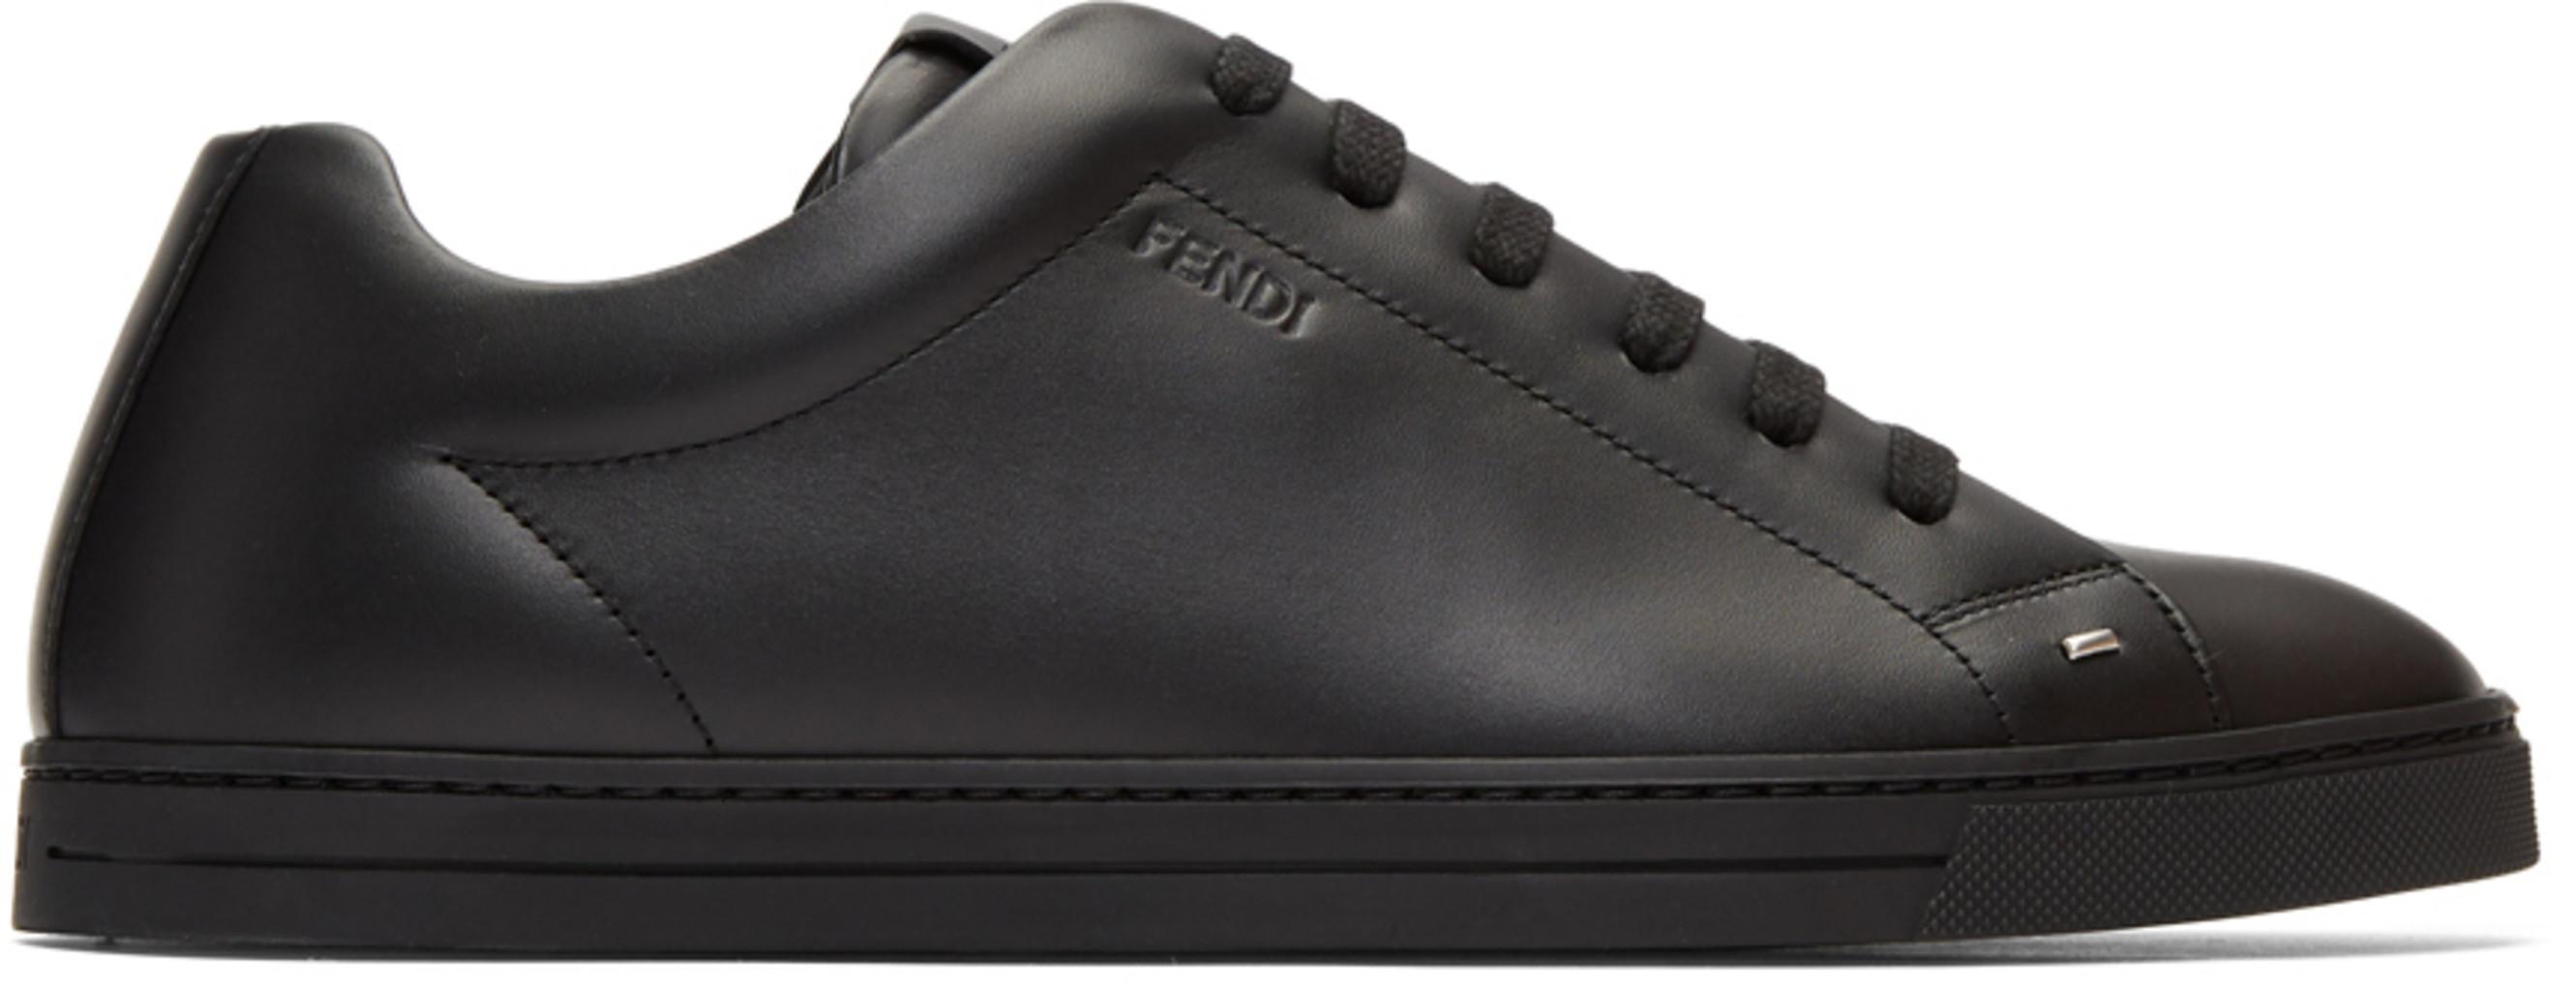 454e808654 Black Mini 'Bag Bugs' Sneakers